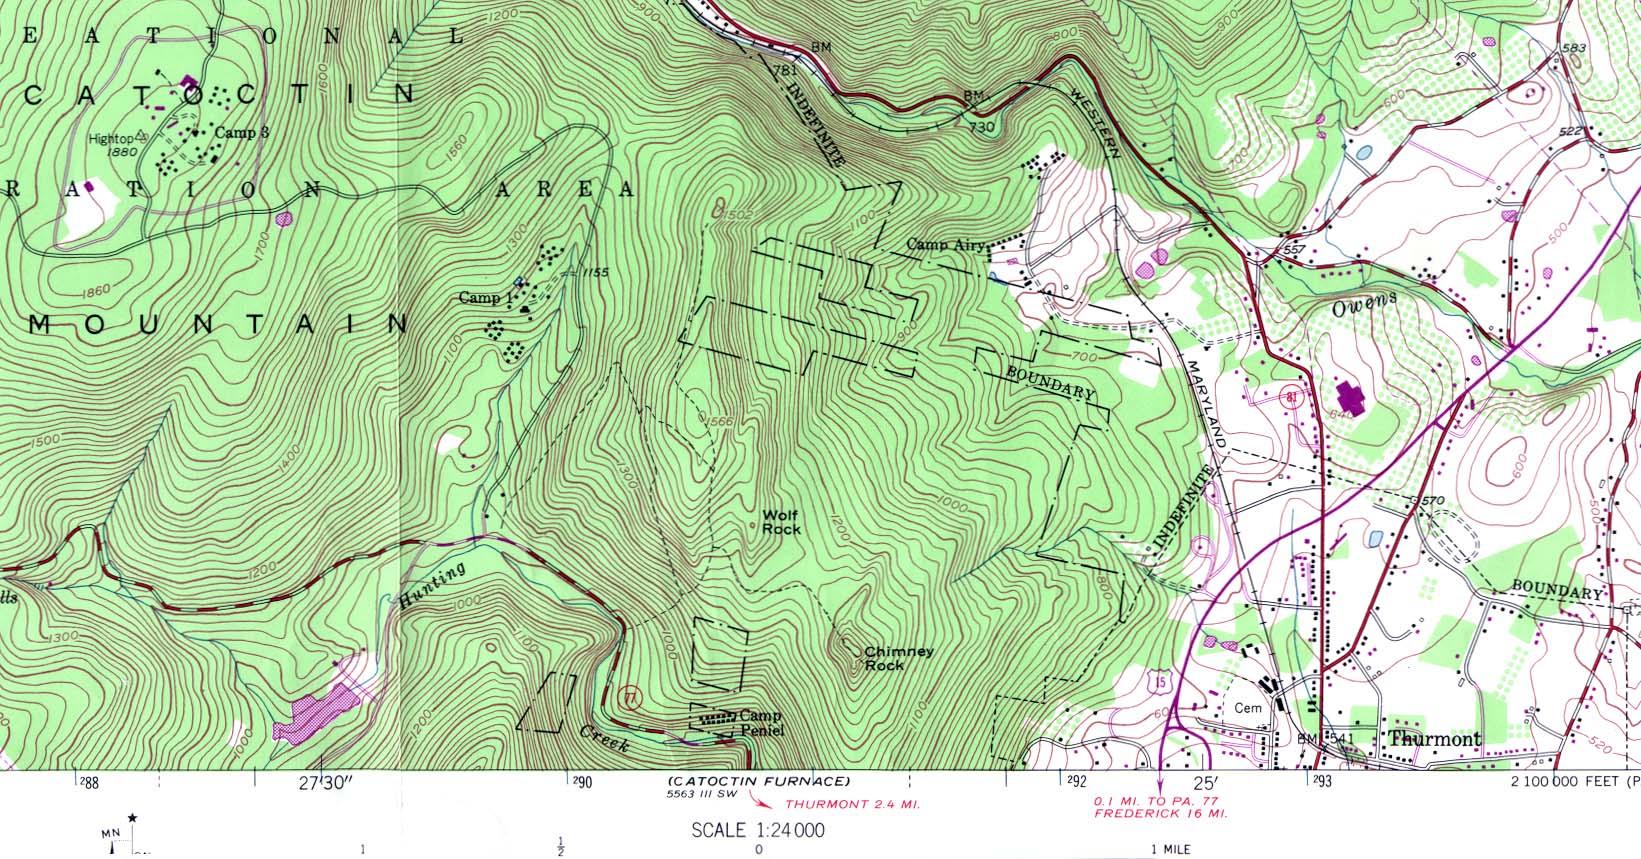 Mapa Topográfico de Camp David (Campo 3), Maryland, Estados Unidos